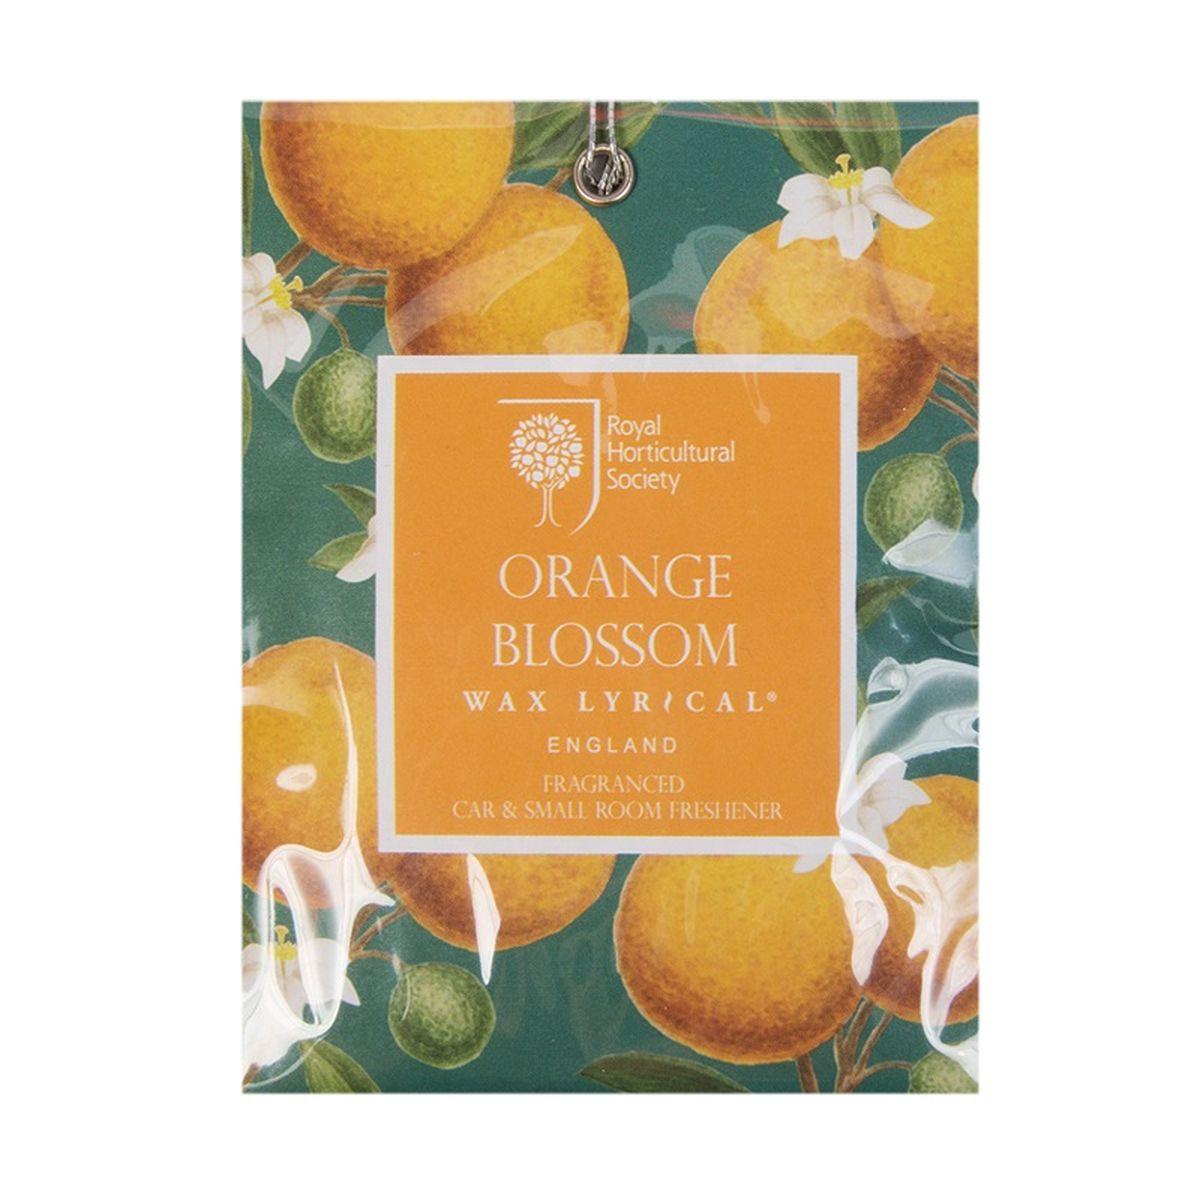 Мини-саше ароматические Wax Lyrical Цветок апельсина, 20 гRH5845Красивый весенний аромат цветущего апельсинового дерева и гардении со свежим воздушным зелёным оттенком верхних нот, подчеркнутый тёплой основой из амбры и мускуса.